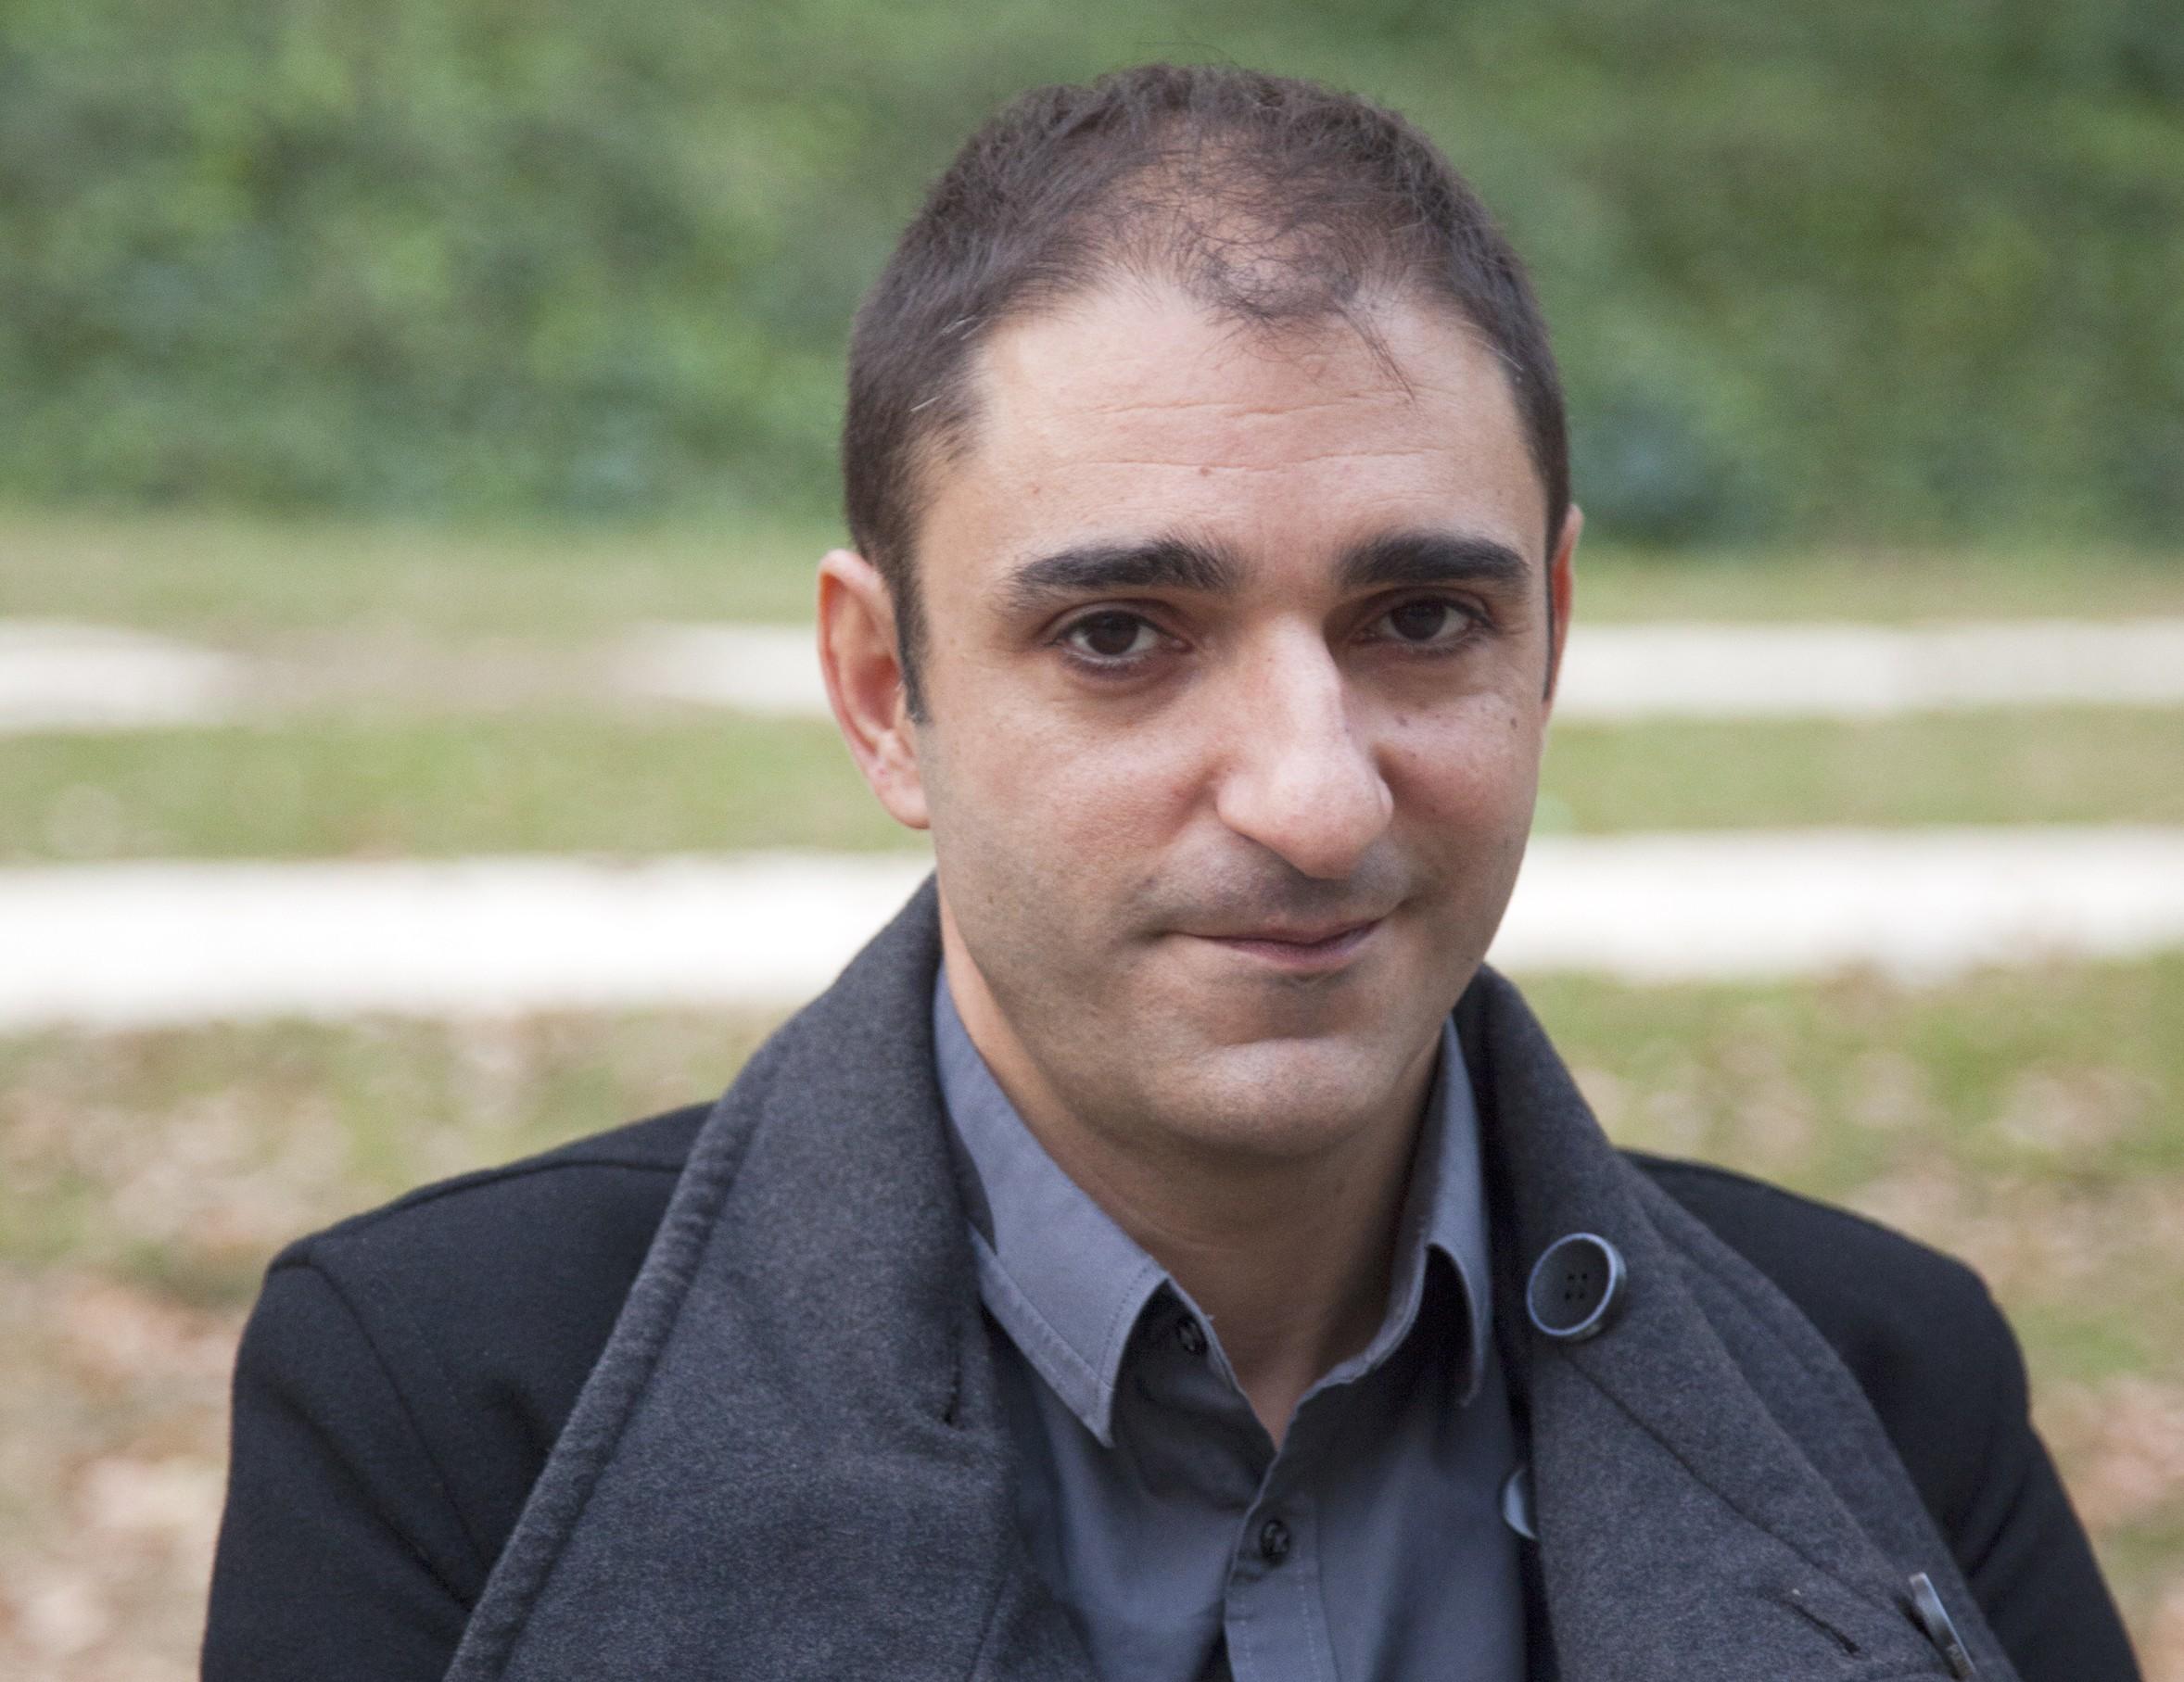 Jordi Gaspar, | COMEDIA. Comunicació & mèdia sl